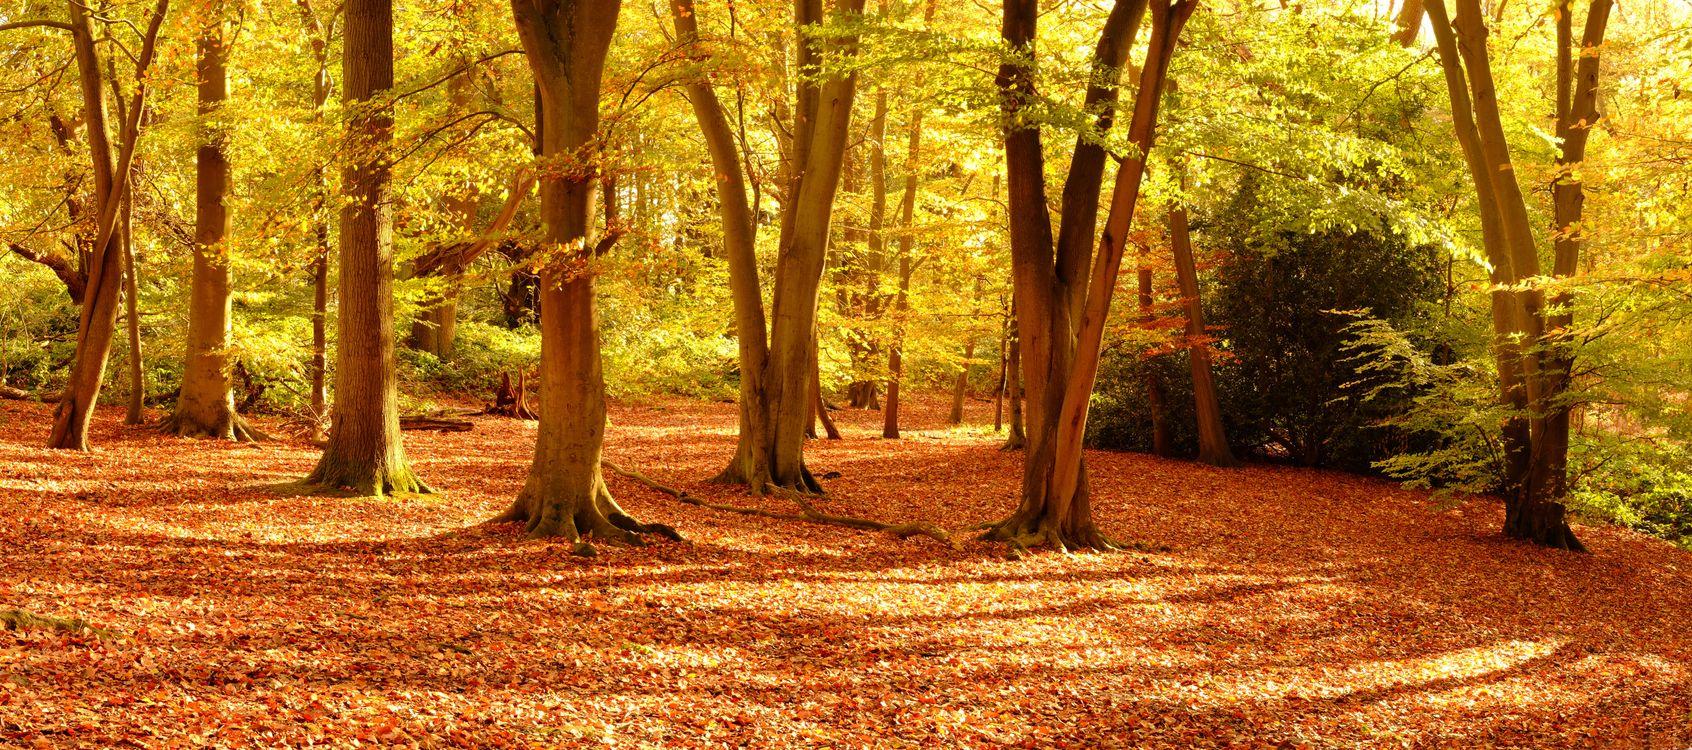 Фото бесплатно осень, парк, лес, деревья, осенняя листва, осенние листья, осенние краски, природа, панорама, пейзажи